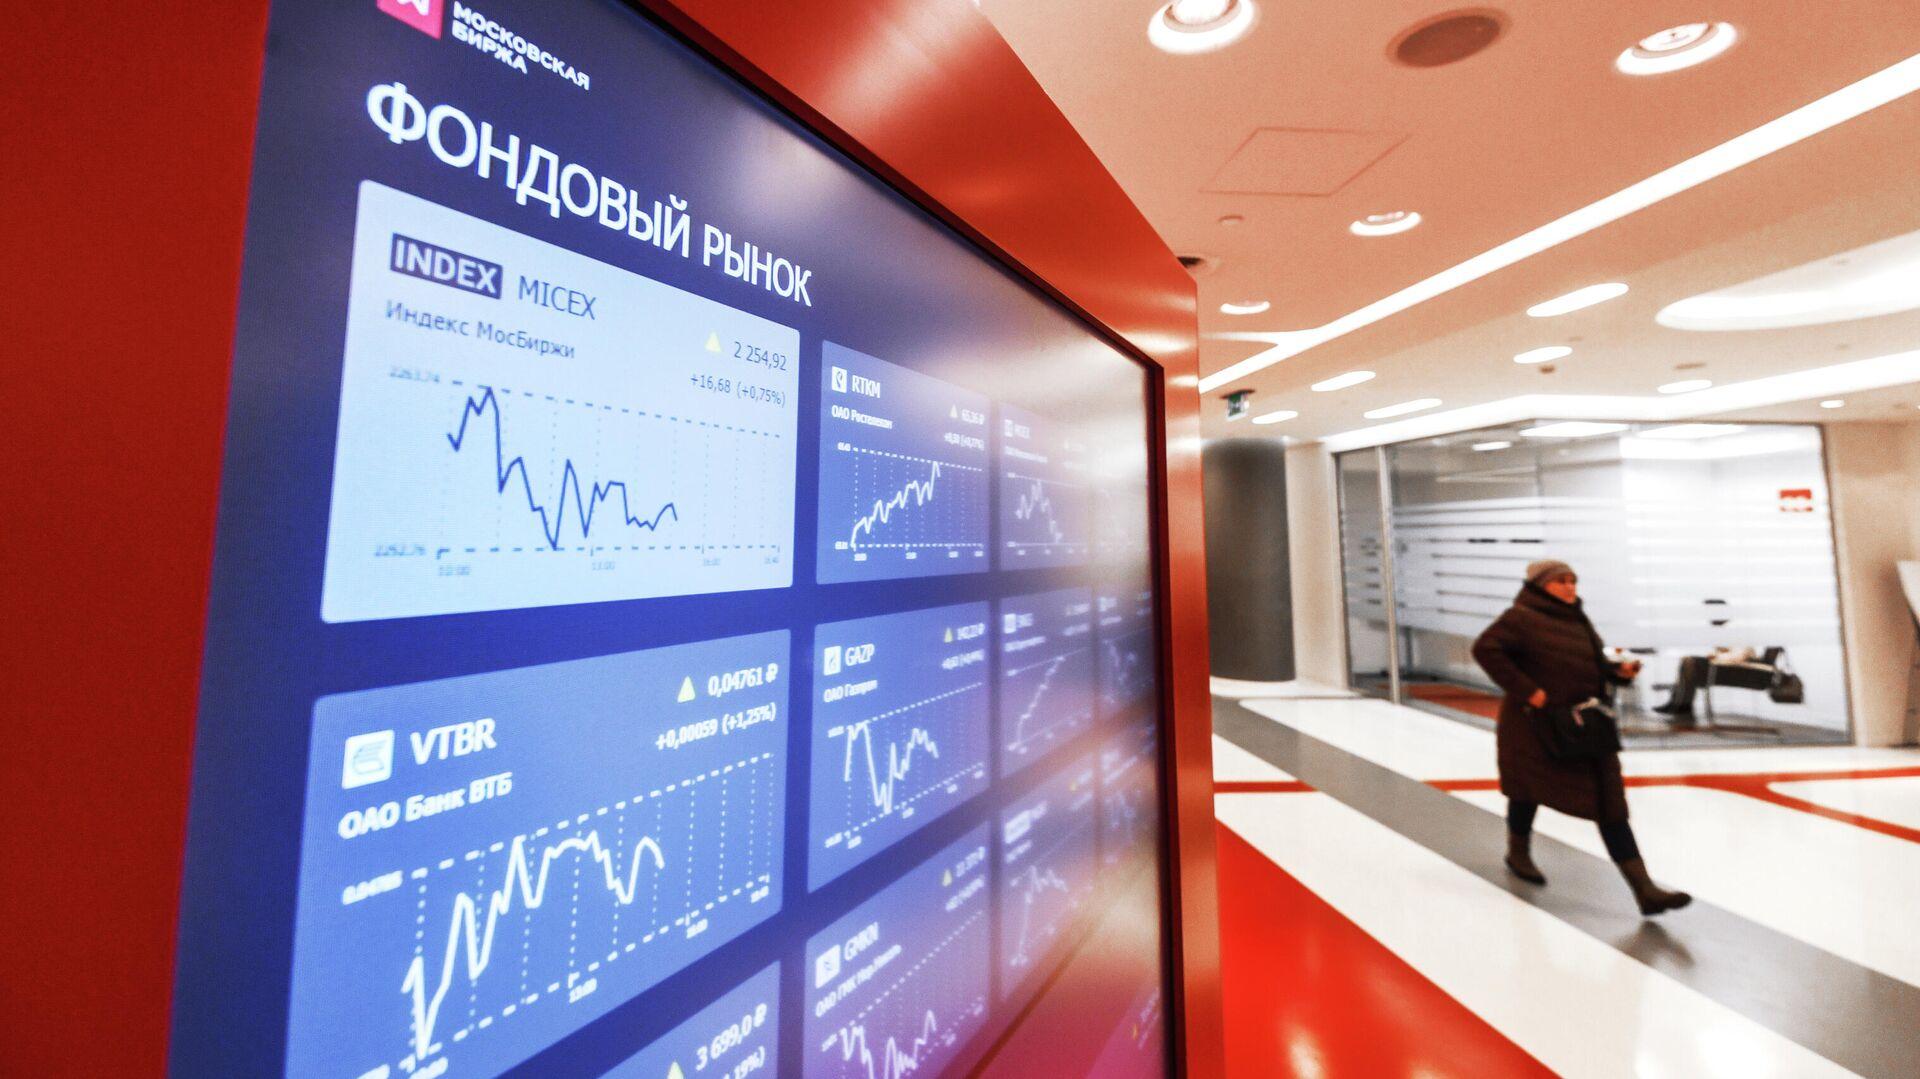 Котировки фондового рынка на экране в здании Московской биржи - РИА Новости, 1920, 29.03.2021